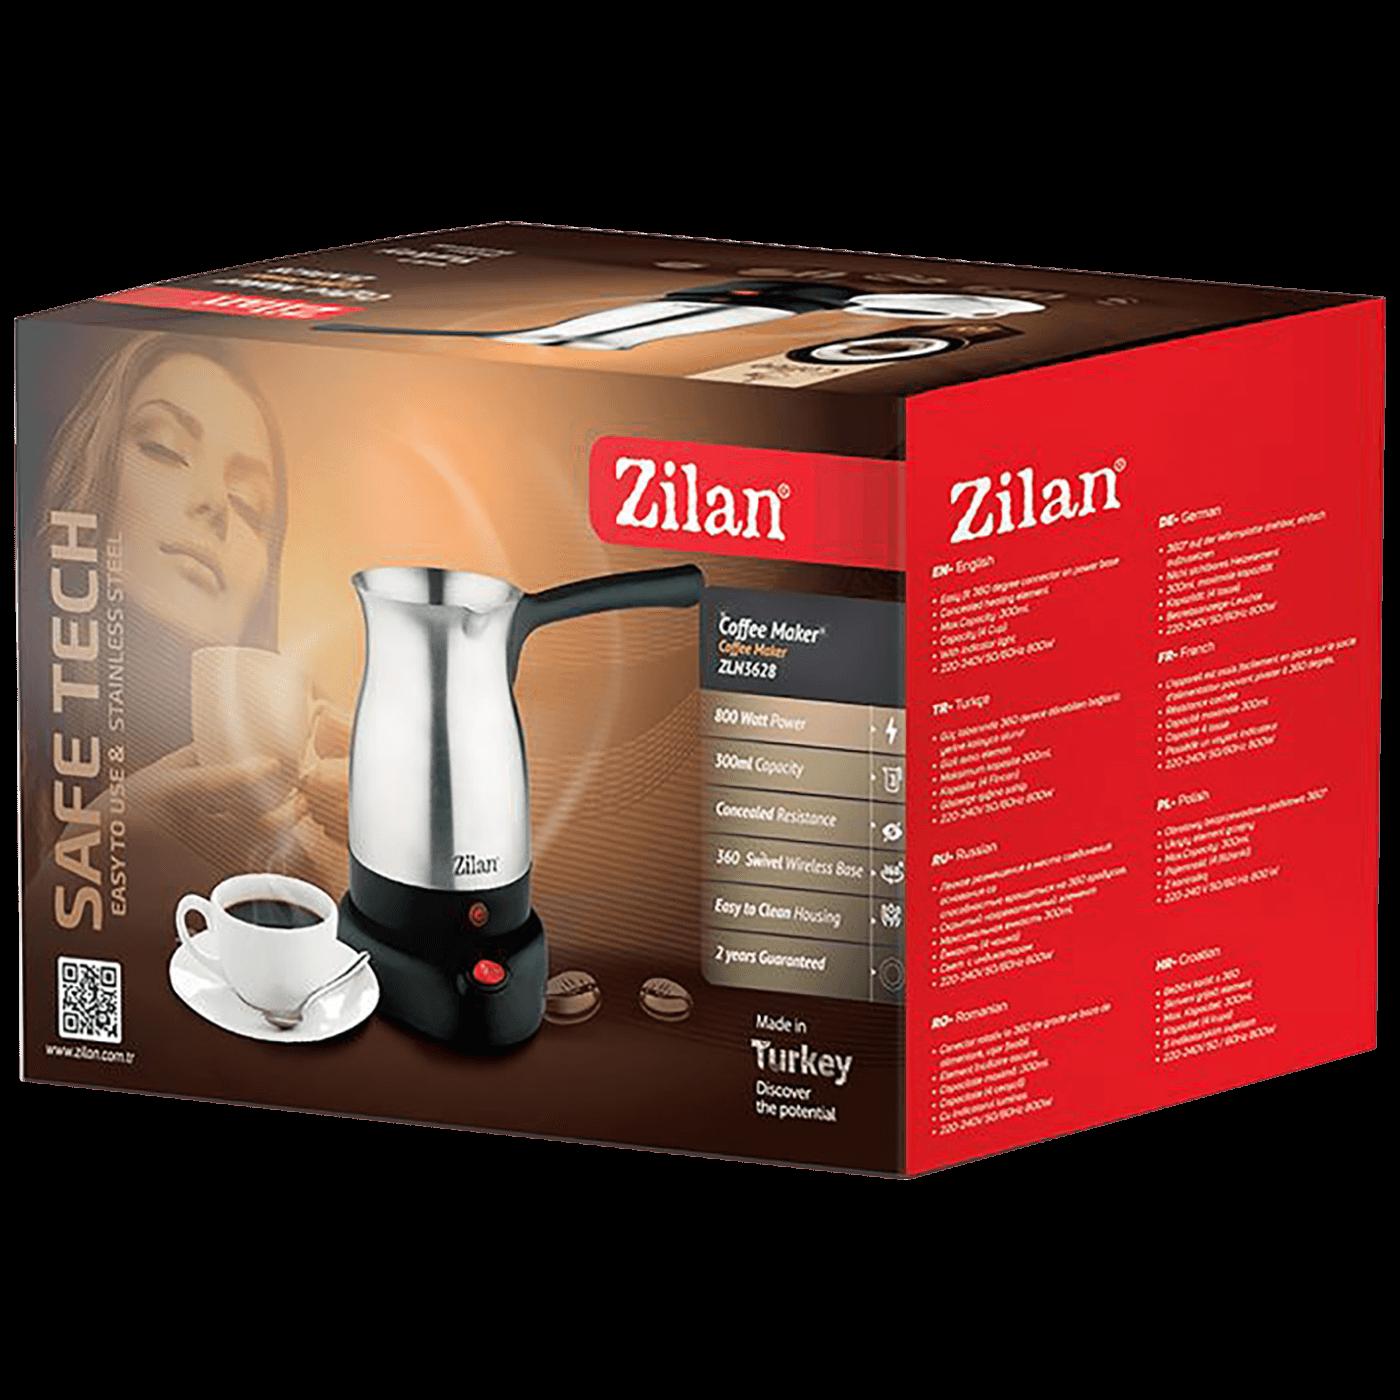 Kuhalo za kafu, 800W, 0,3 lit., INOX